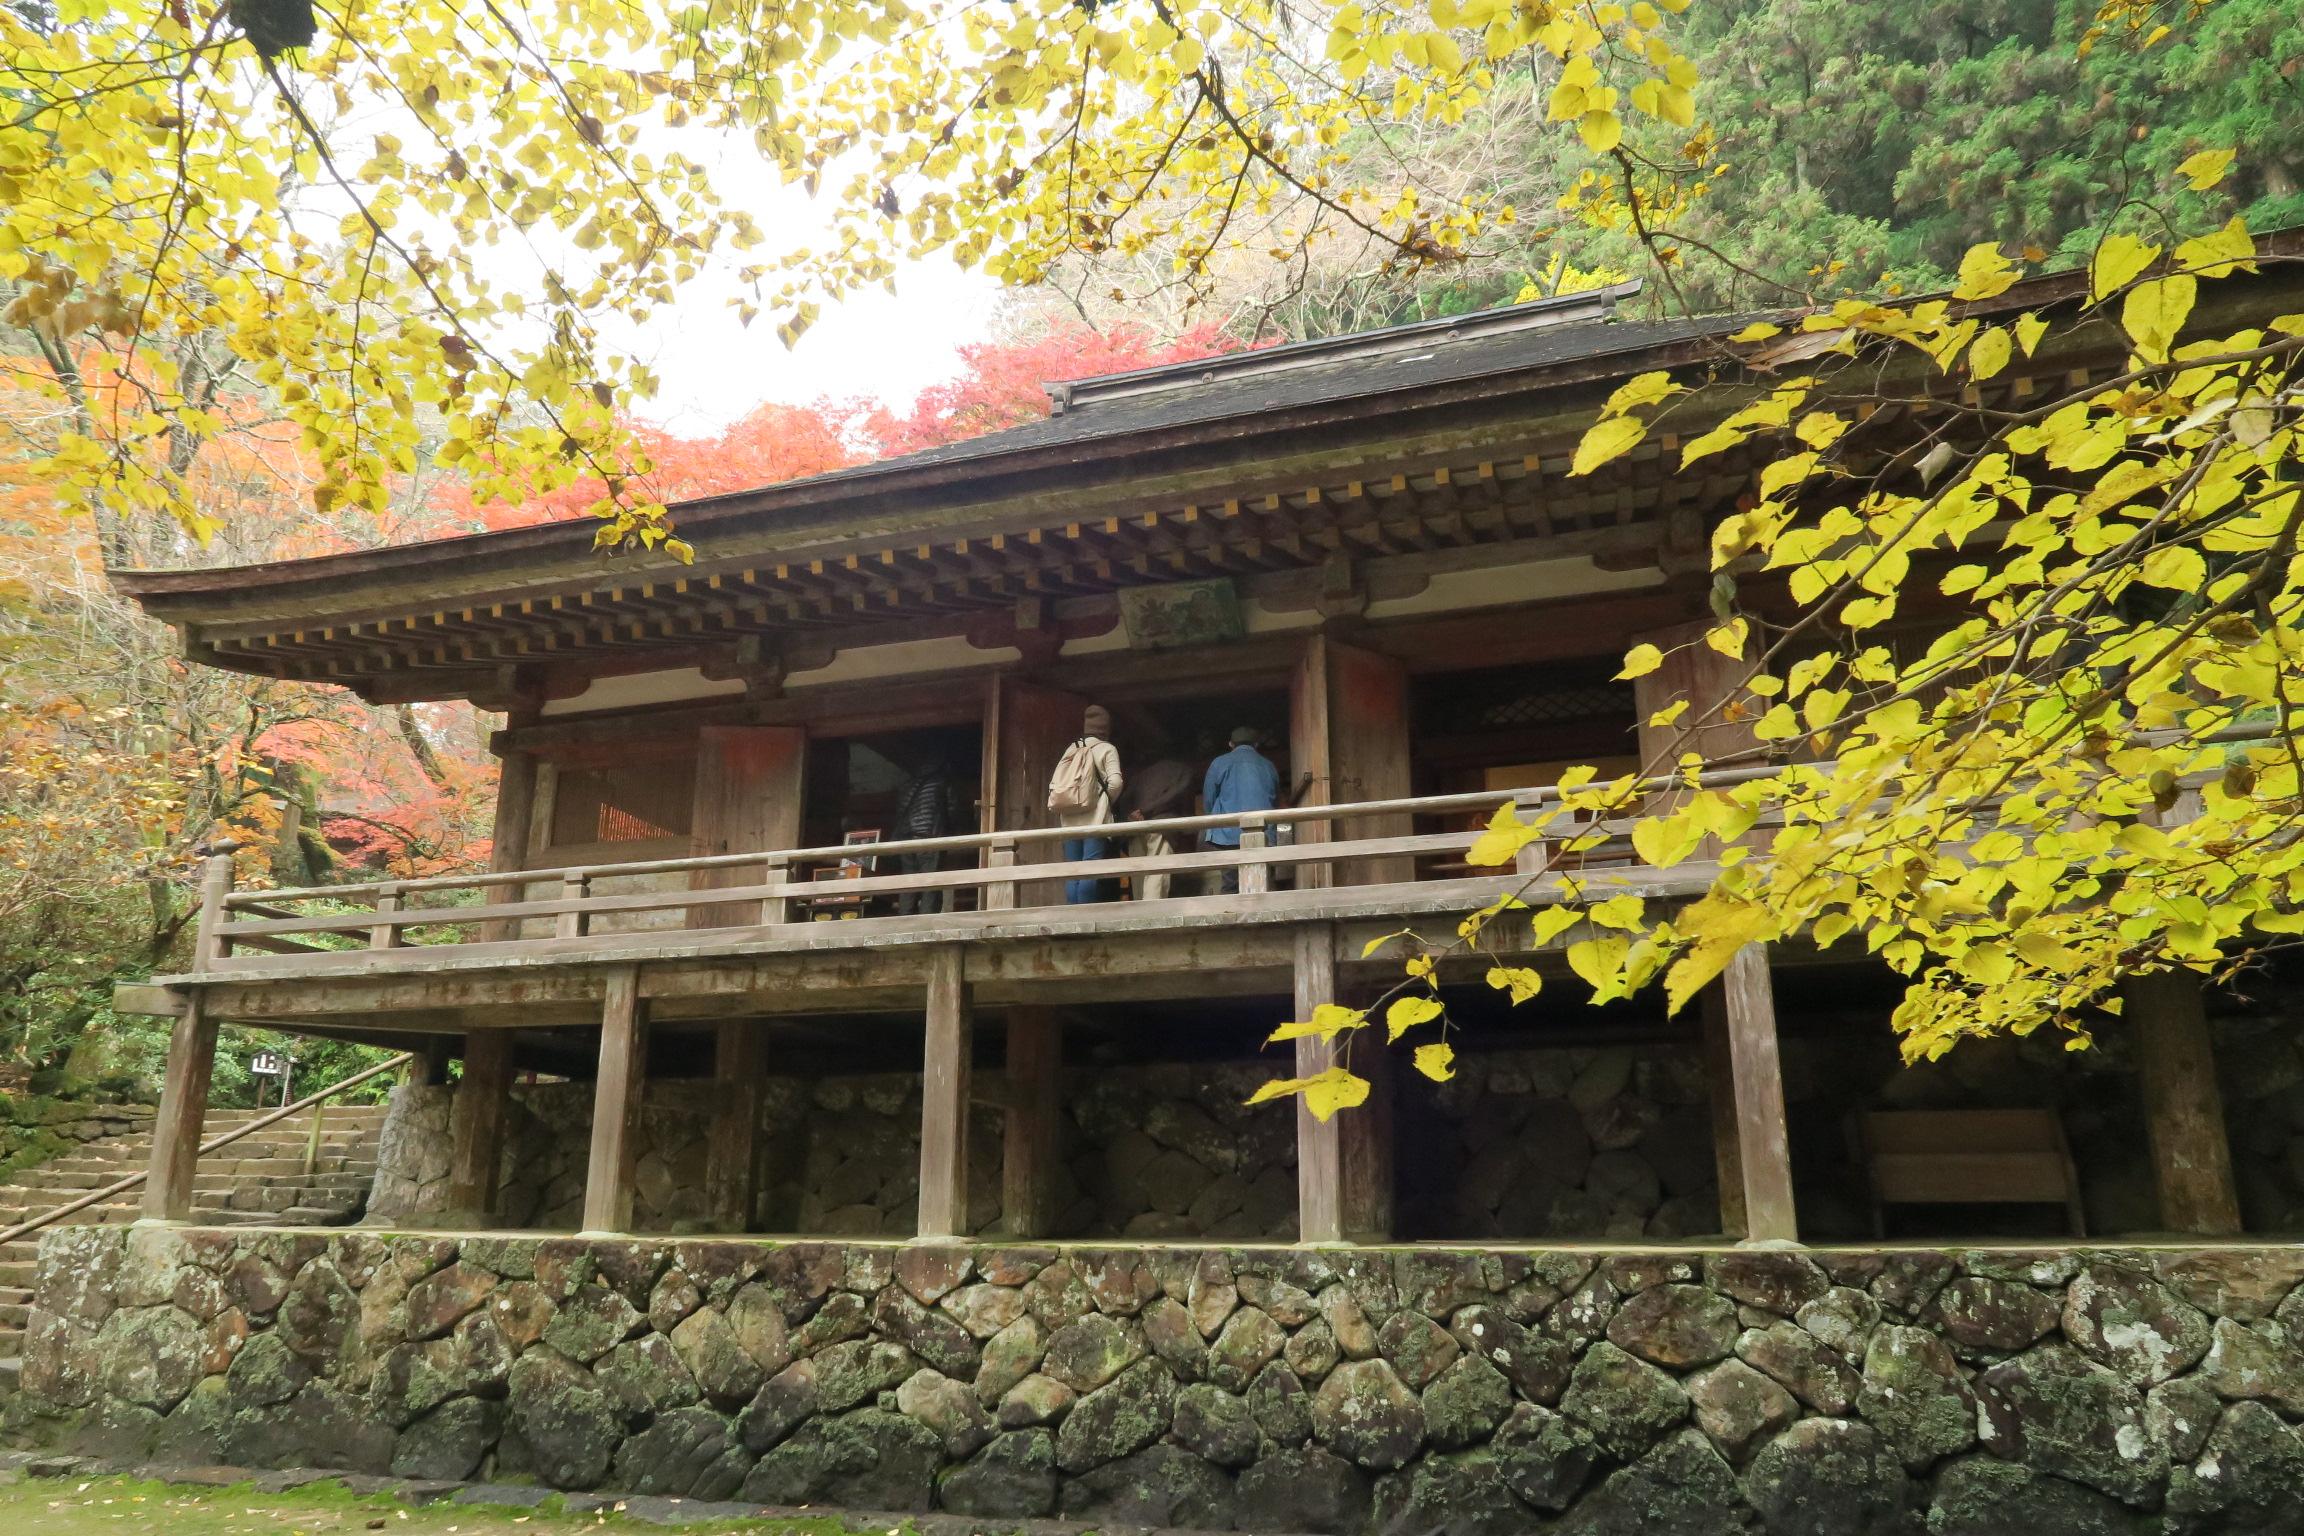 国宝の金堂。平安初期の山寺にある仏塔としては日本唯一のもの。